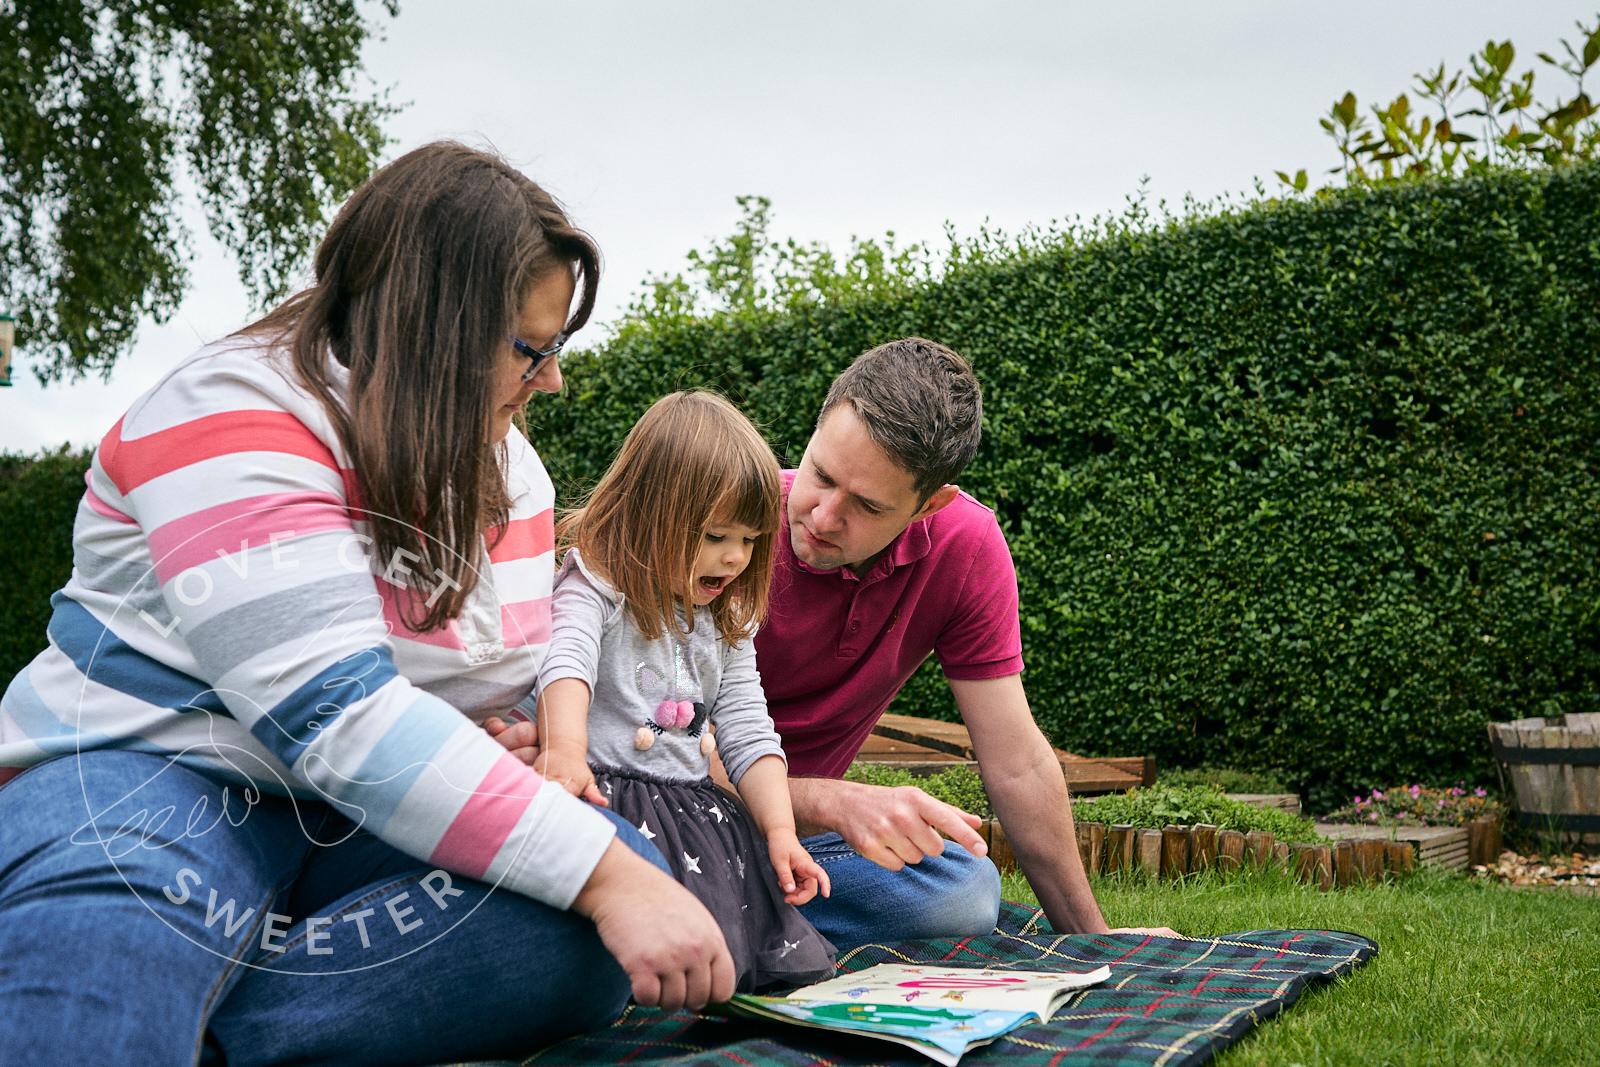 family relax on blanket in garden reading